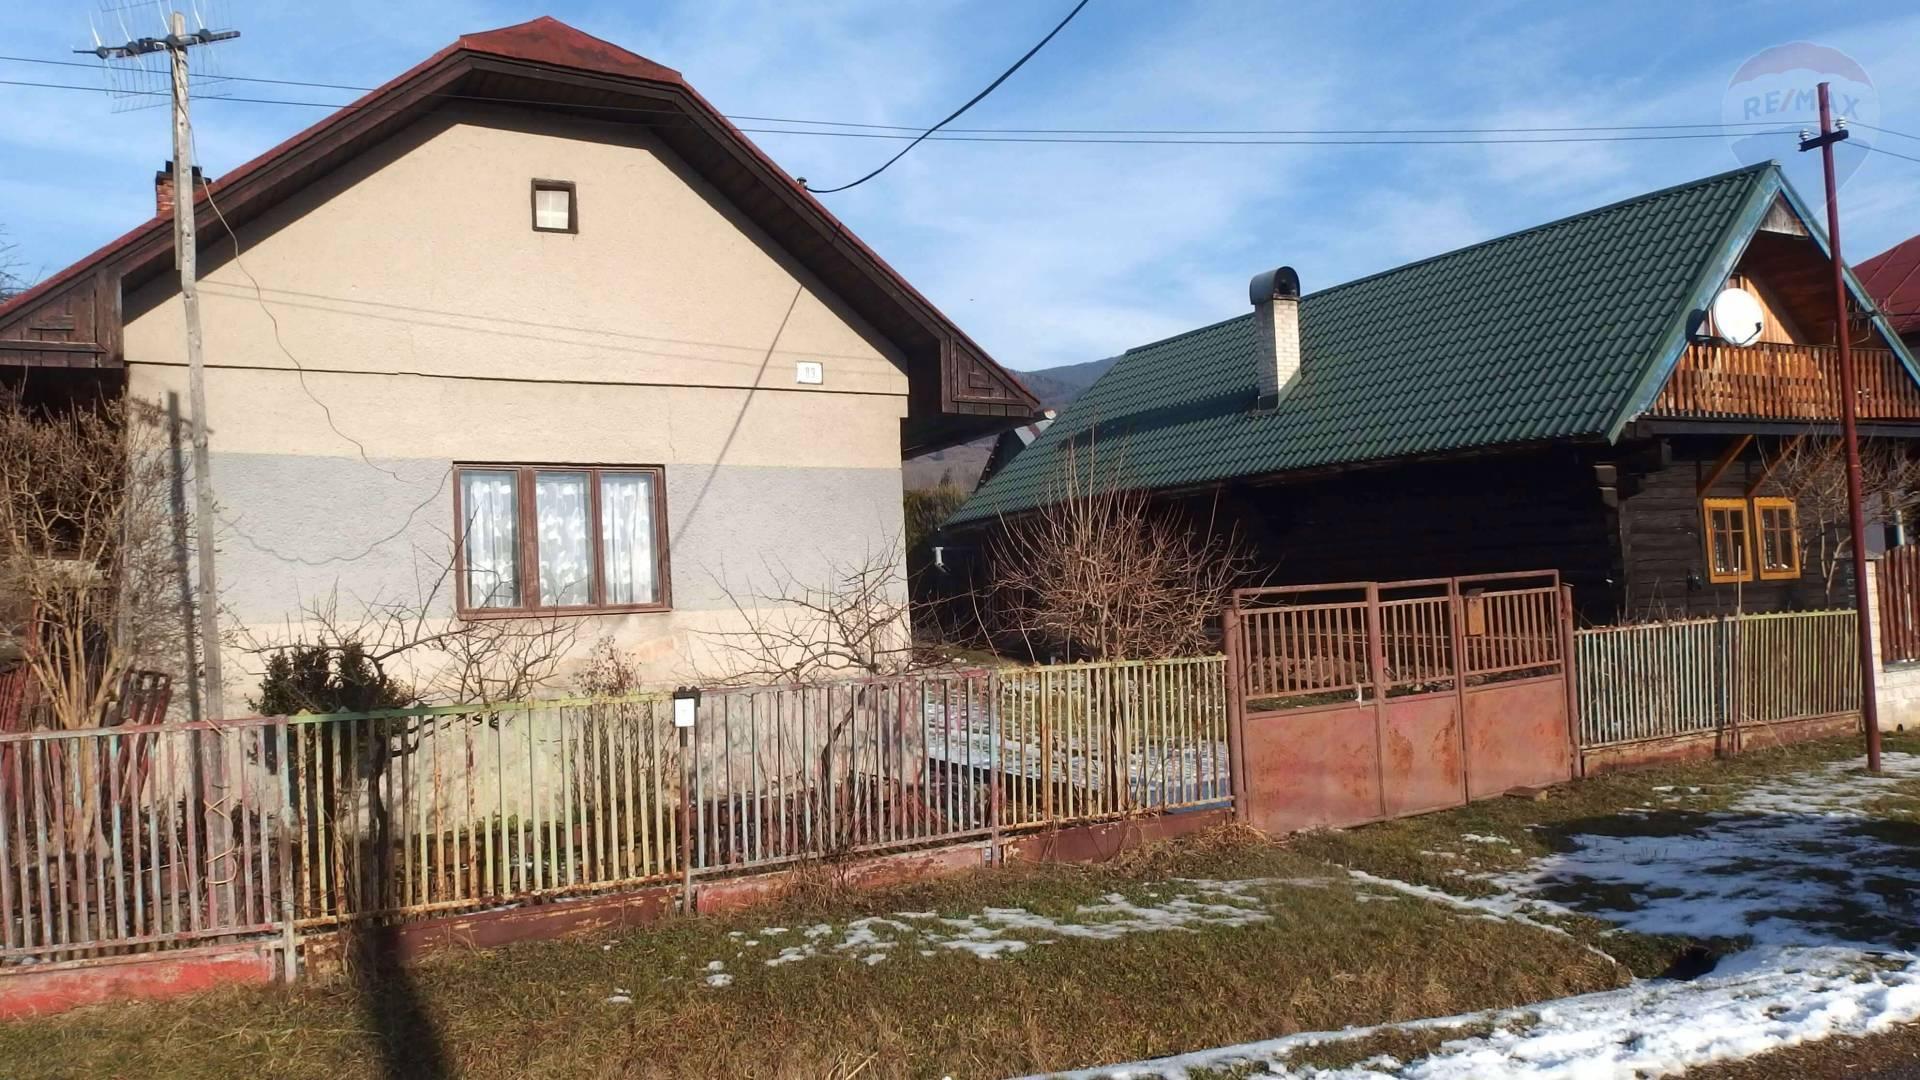 Predaj chaty 67 m2, Braväcovo - Predaj: Chalupa alebo trvalé bývanie, Brezno - Braväcovo